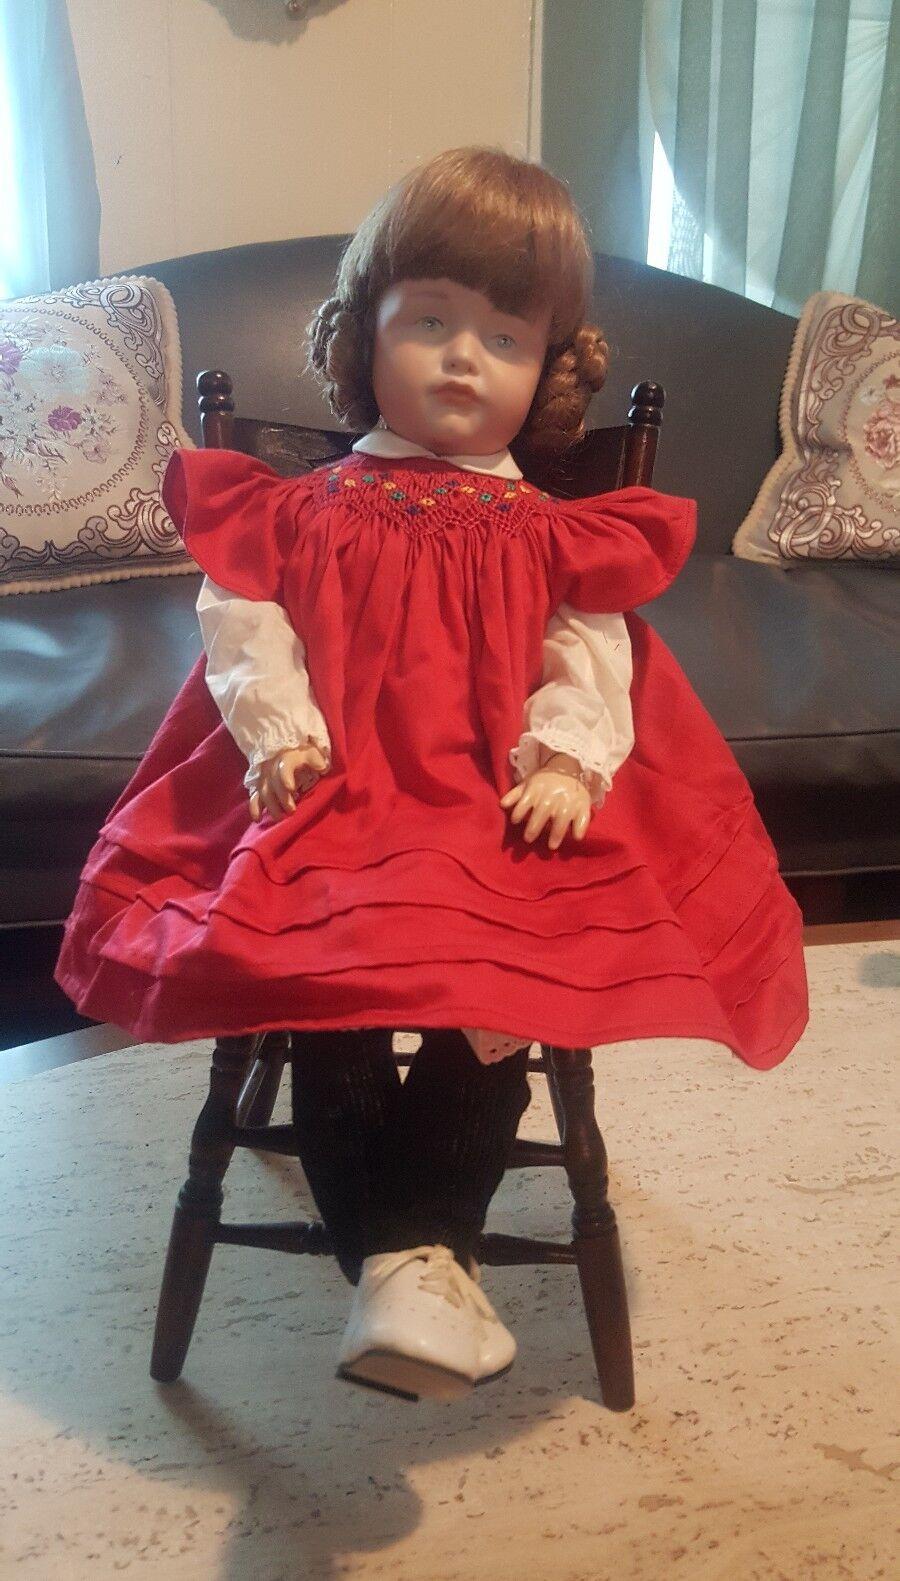 1909 K  R 114 mirando-Reinhardt cabeza de Biscuit muñeca personaje Gretchen sensuales con silla